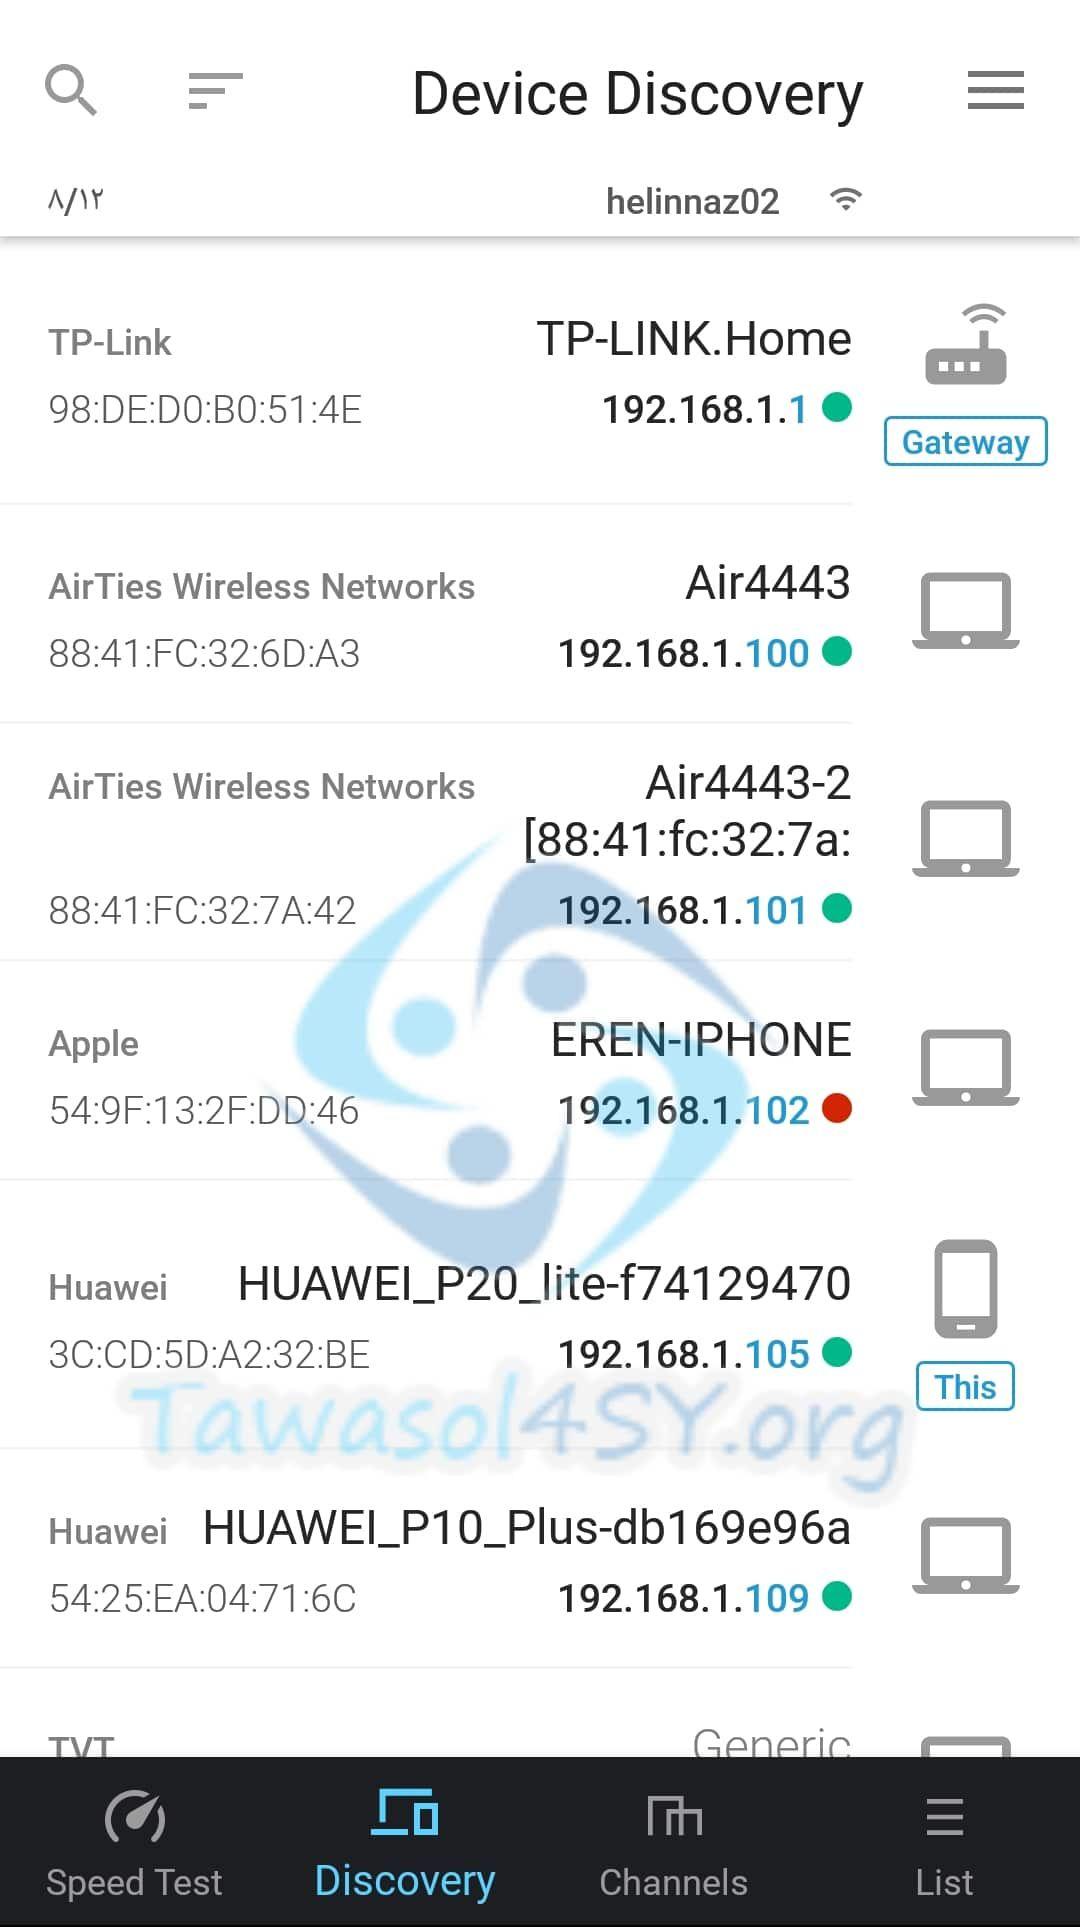 تحميل تطبيق يو بي انتي موبايل للاندرويد و الايفون Ubnt Mobile Wifiman App تواصل لأجل سوريا Wireless Networking Tp Link App